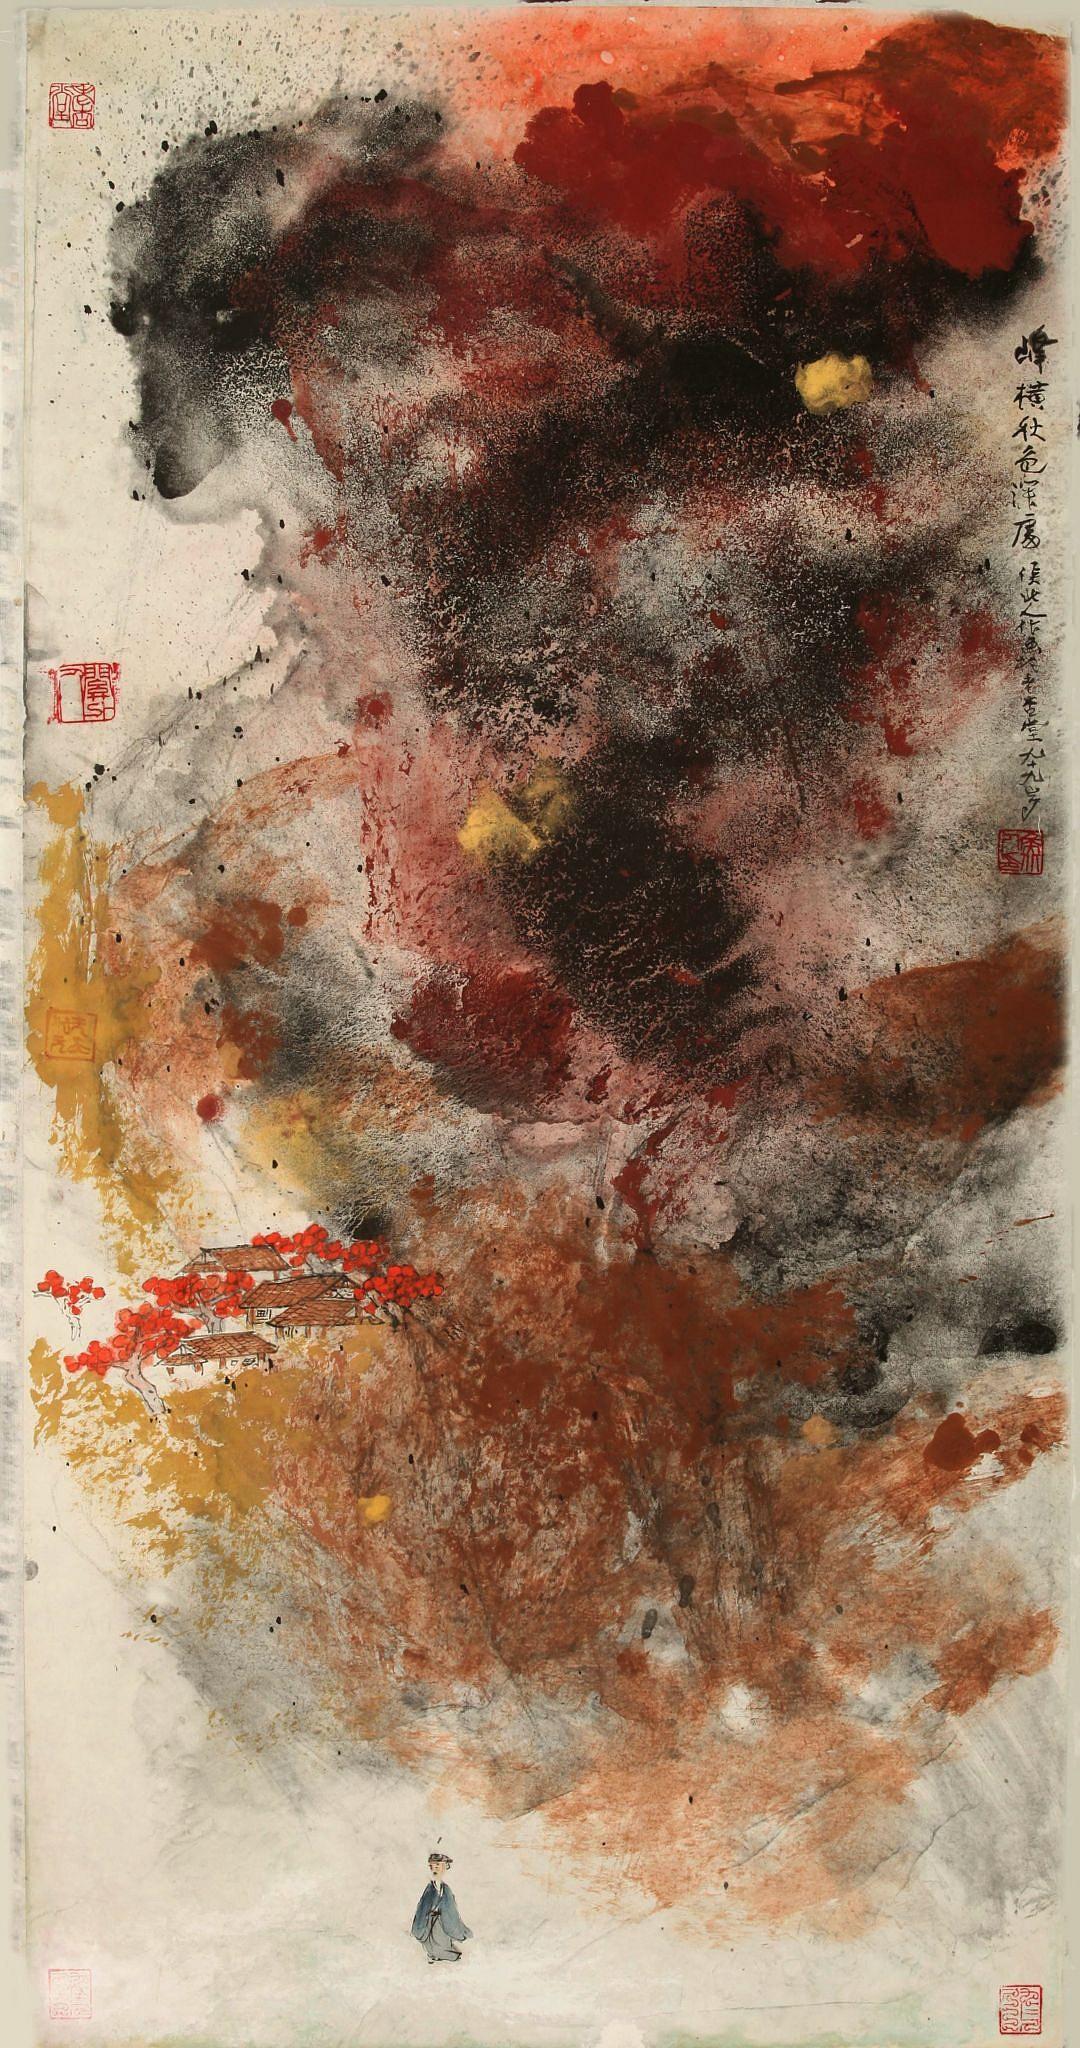 Un pic dans les teintes automnales, 2016, encre et couleur sur papier de Hou Beiren